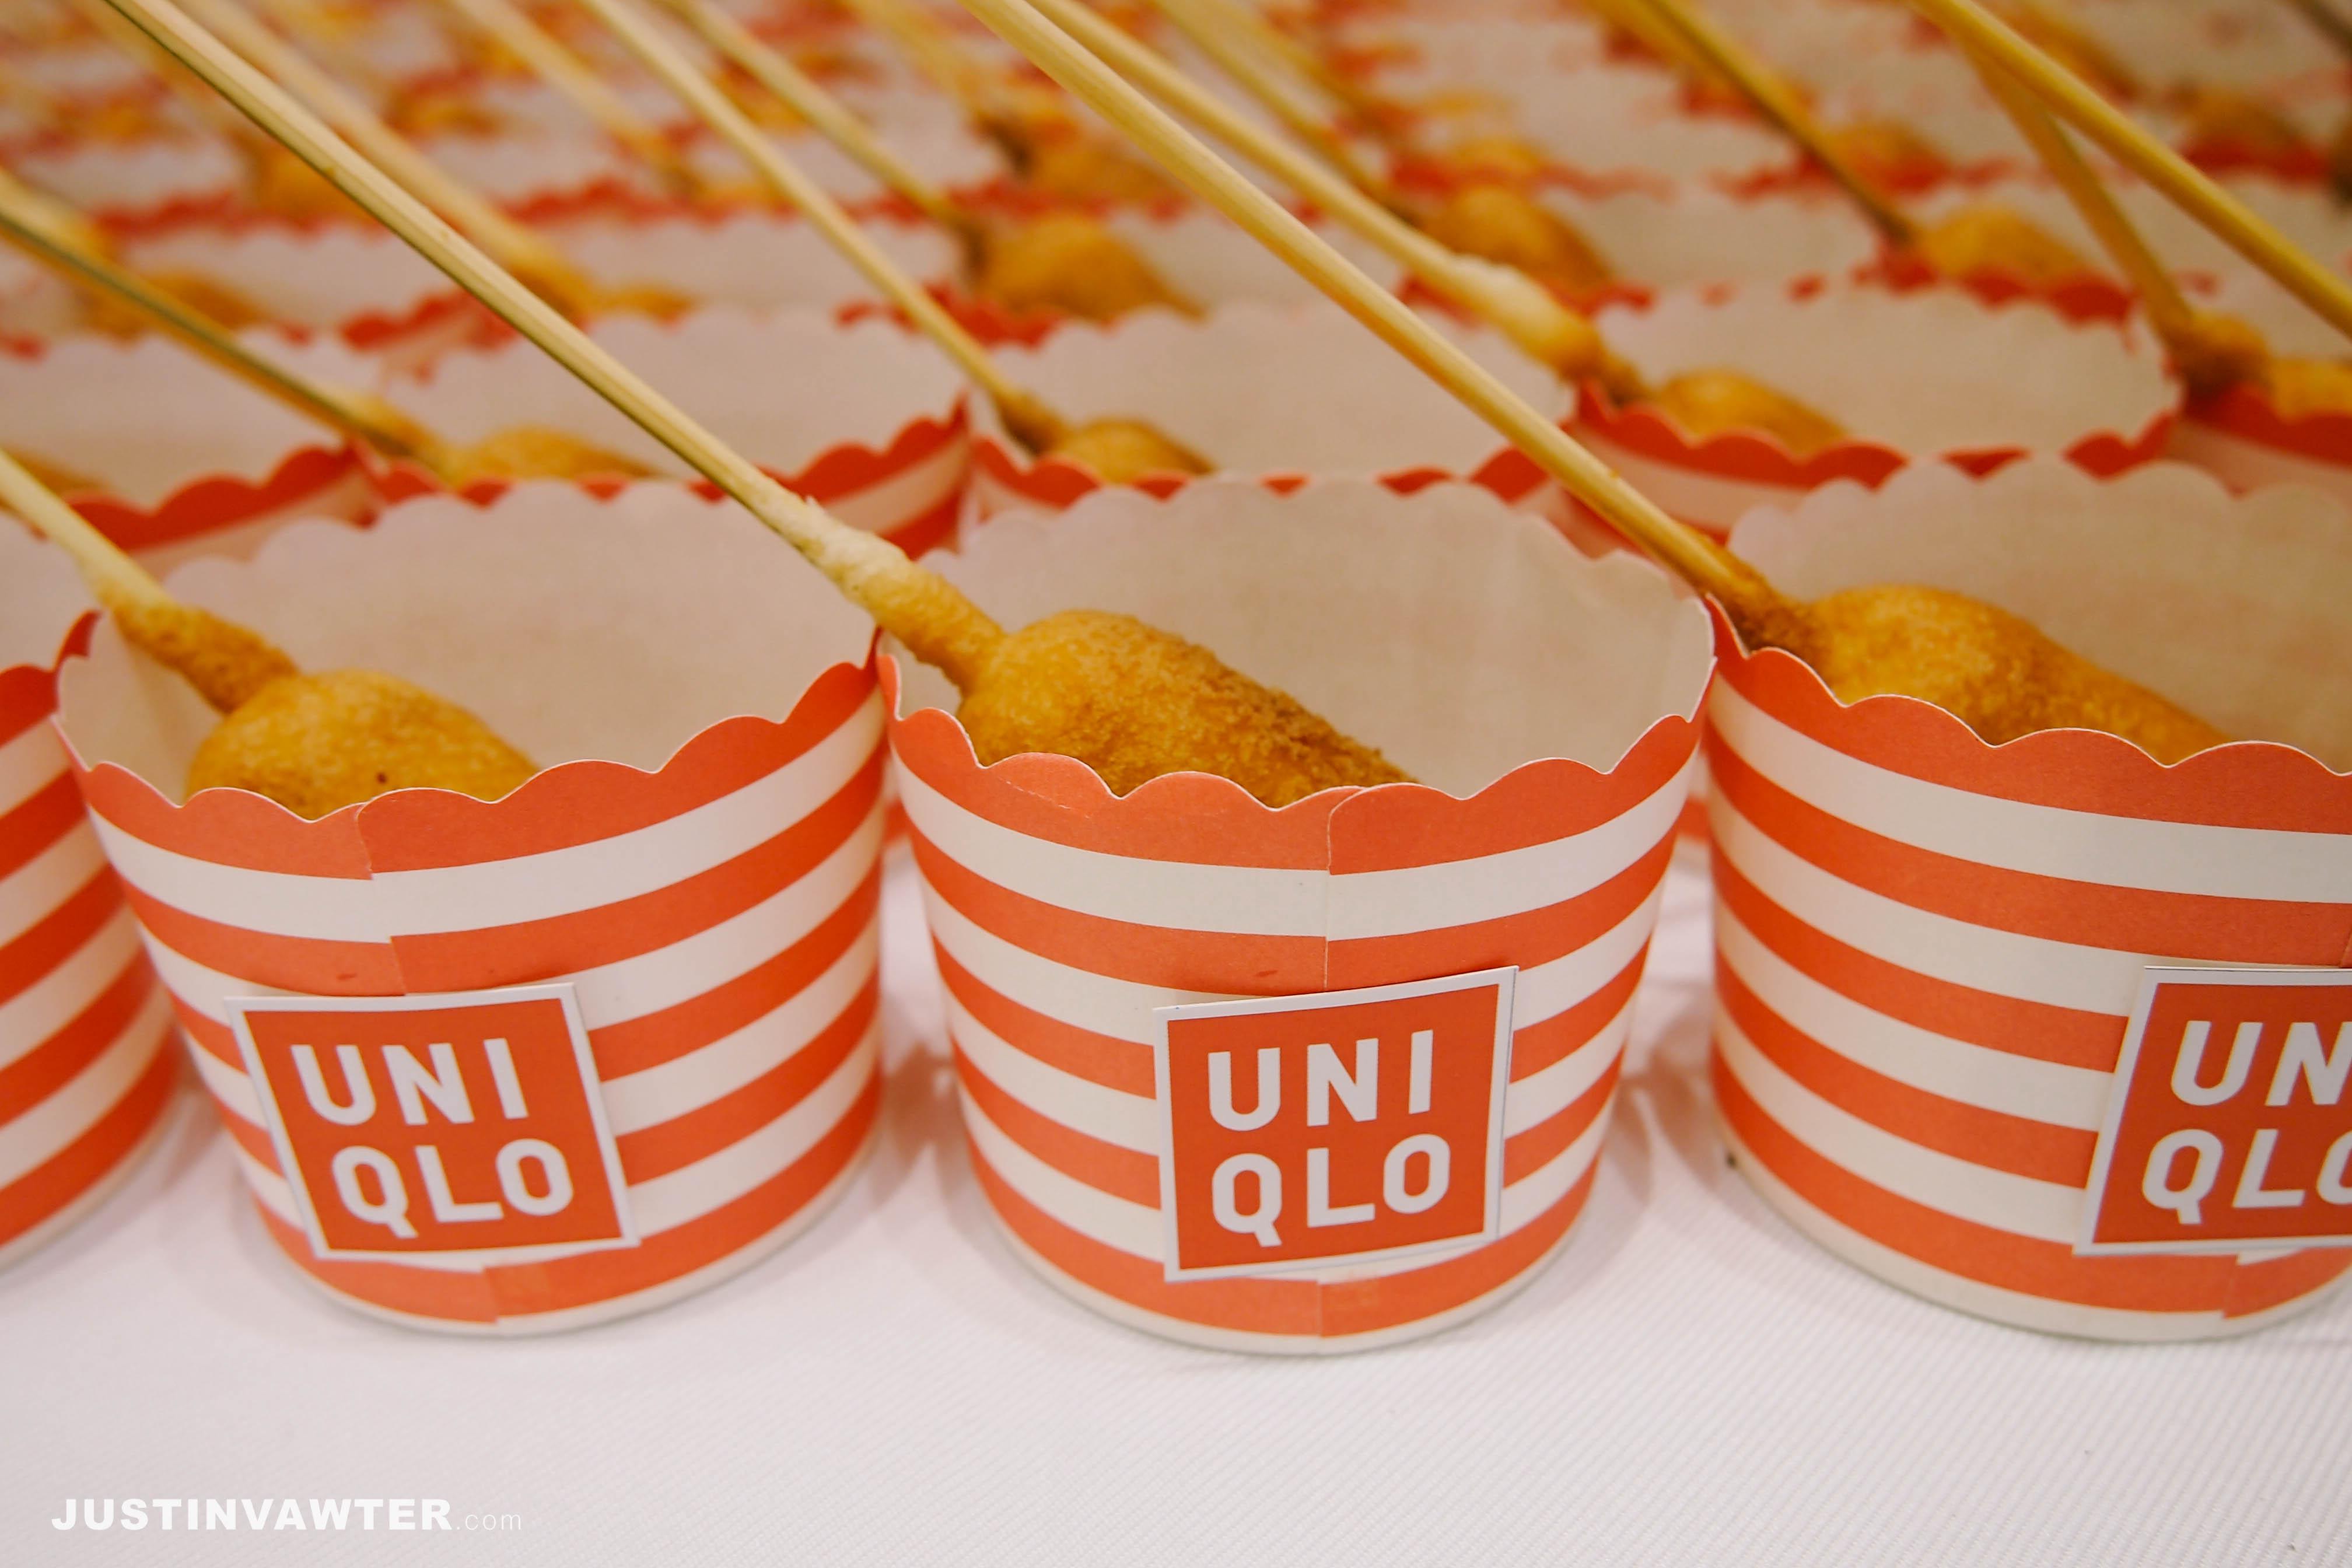 UNIQLO 3rd Anniversary